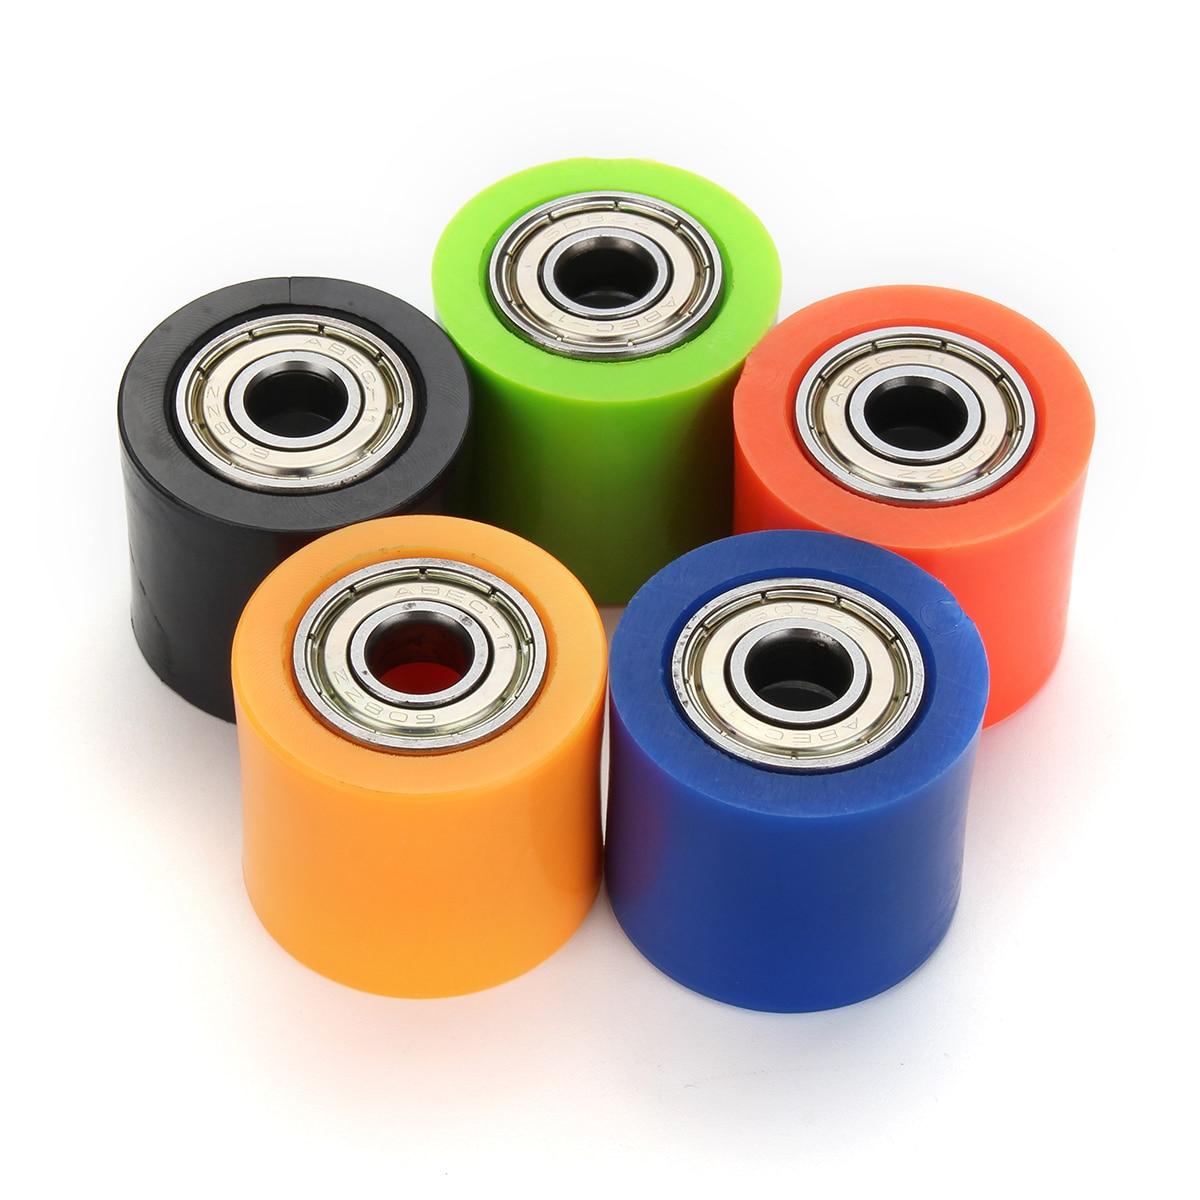 8 мм цепи роликовый шкив слайдер колесо для натяжки руководство для Пит грязь мини велосипед ATV отличаются цвет 28x32